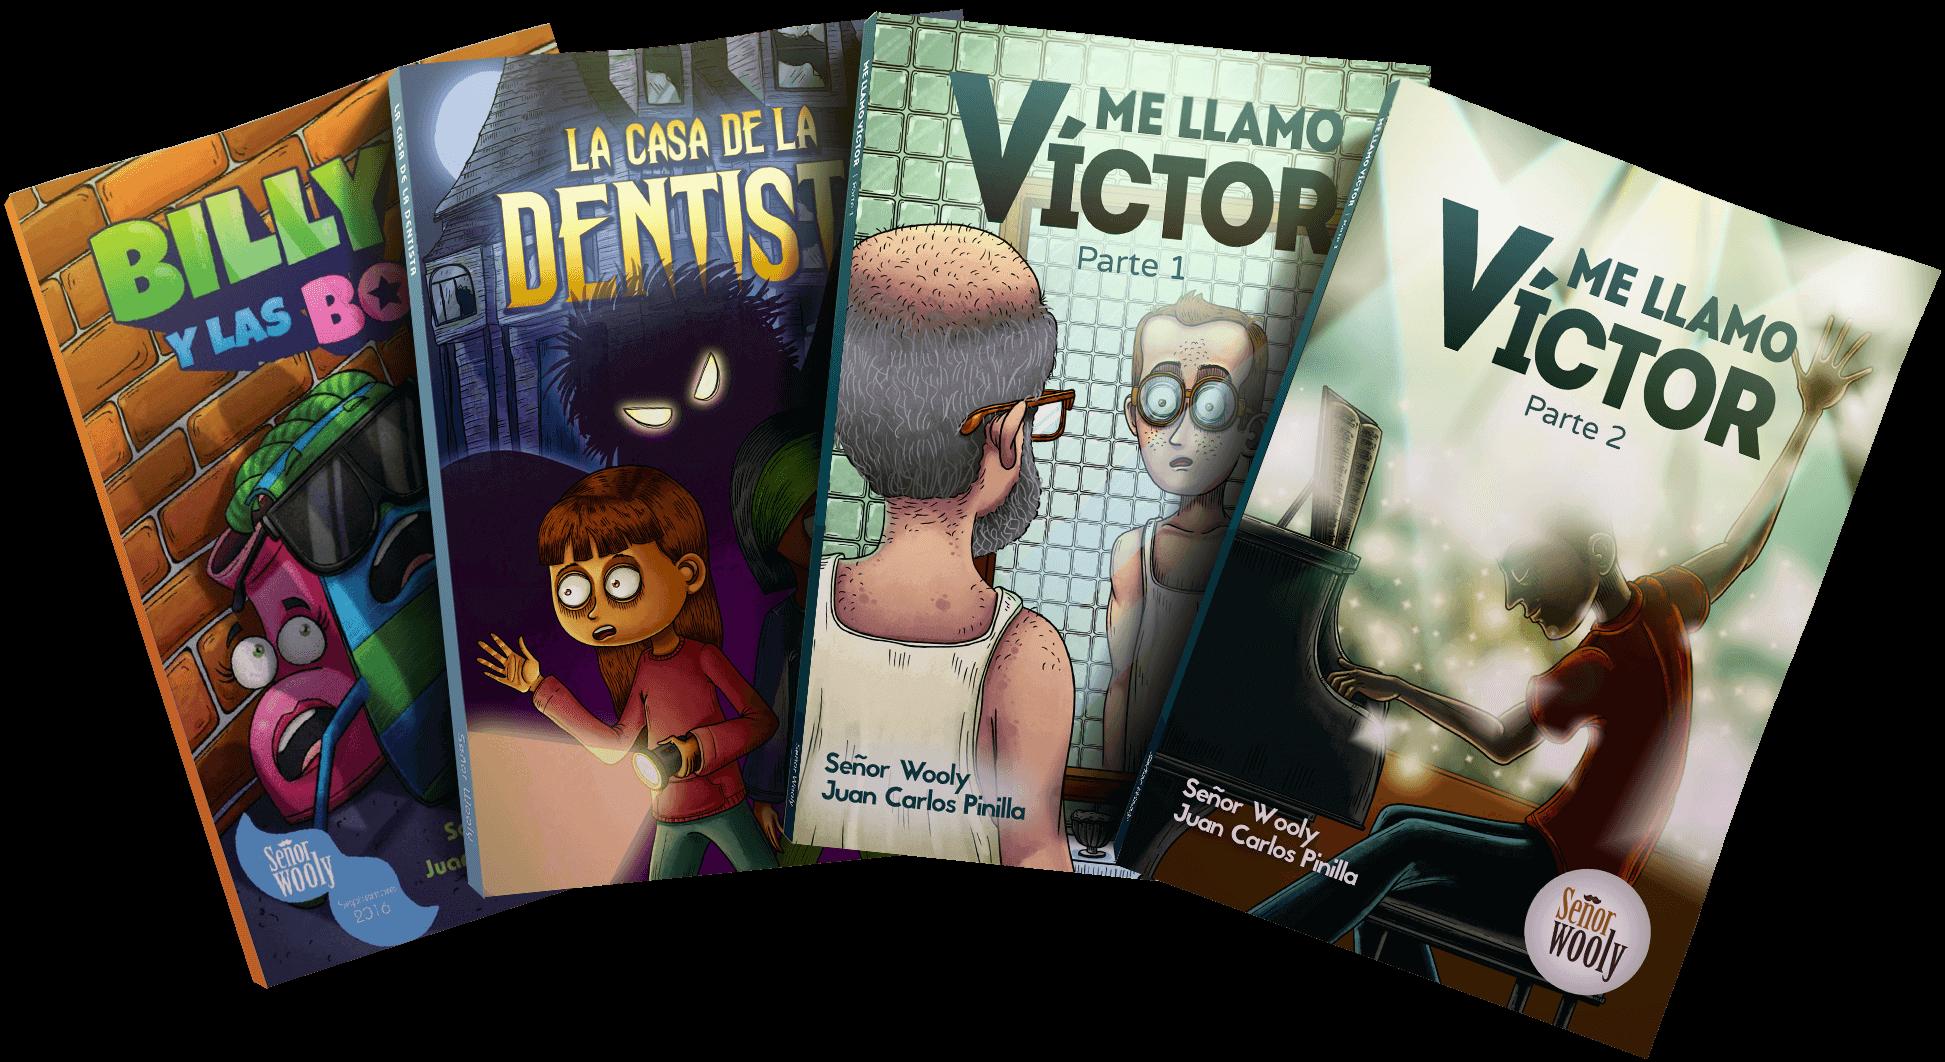 novel covers